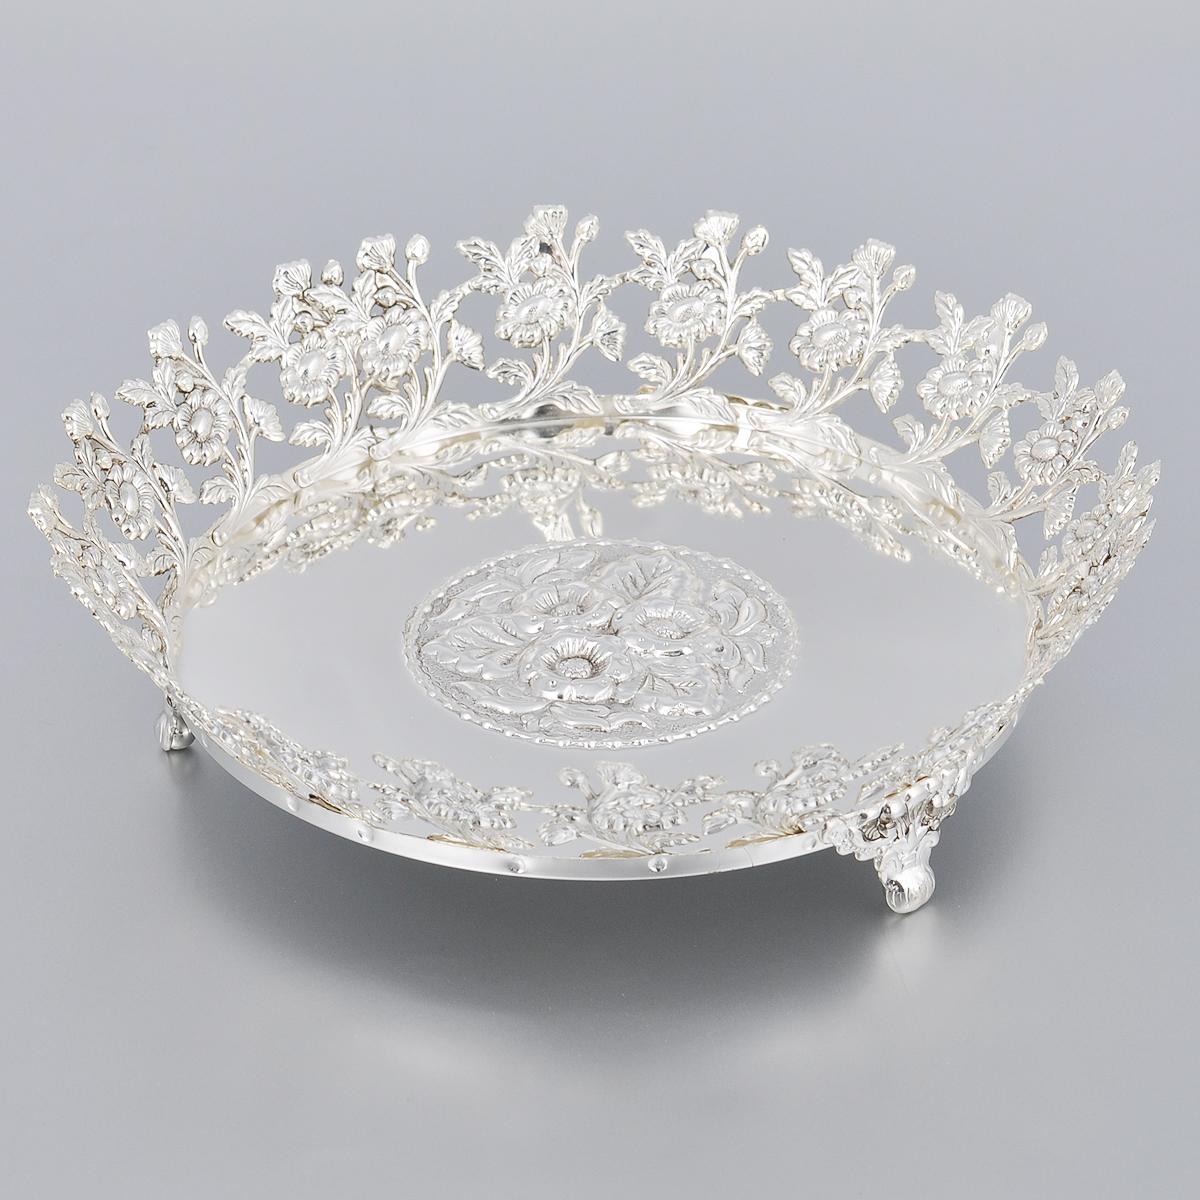 Ваза универсальная Marquis, диаметр 21,5 см2178-MRУниверсальная ваза Marquis выполнена из стали с никель-серебряным покрытием и оформлена изящным рельефом и перфорацией. Ваза прекрасно подойдет для красивой сервировки конфет, фруктов, пирожных и много другого. Такая ваза придется по вкусу и ценителям классики, и тем, кто предпочитает утонченность и изысканность. Она украсит сервировку вашего стола и подчеркнет прекрасный вкус хозяина, а также станет отличным подарком. Диаметр (по верхнему краю): 21,5 см. Высота вазы: 5,5 см.